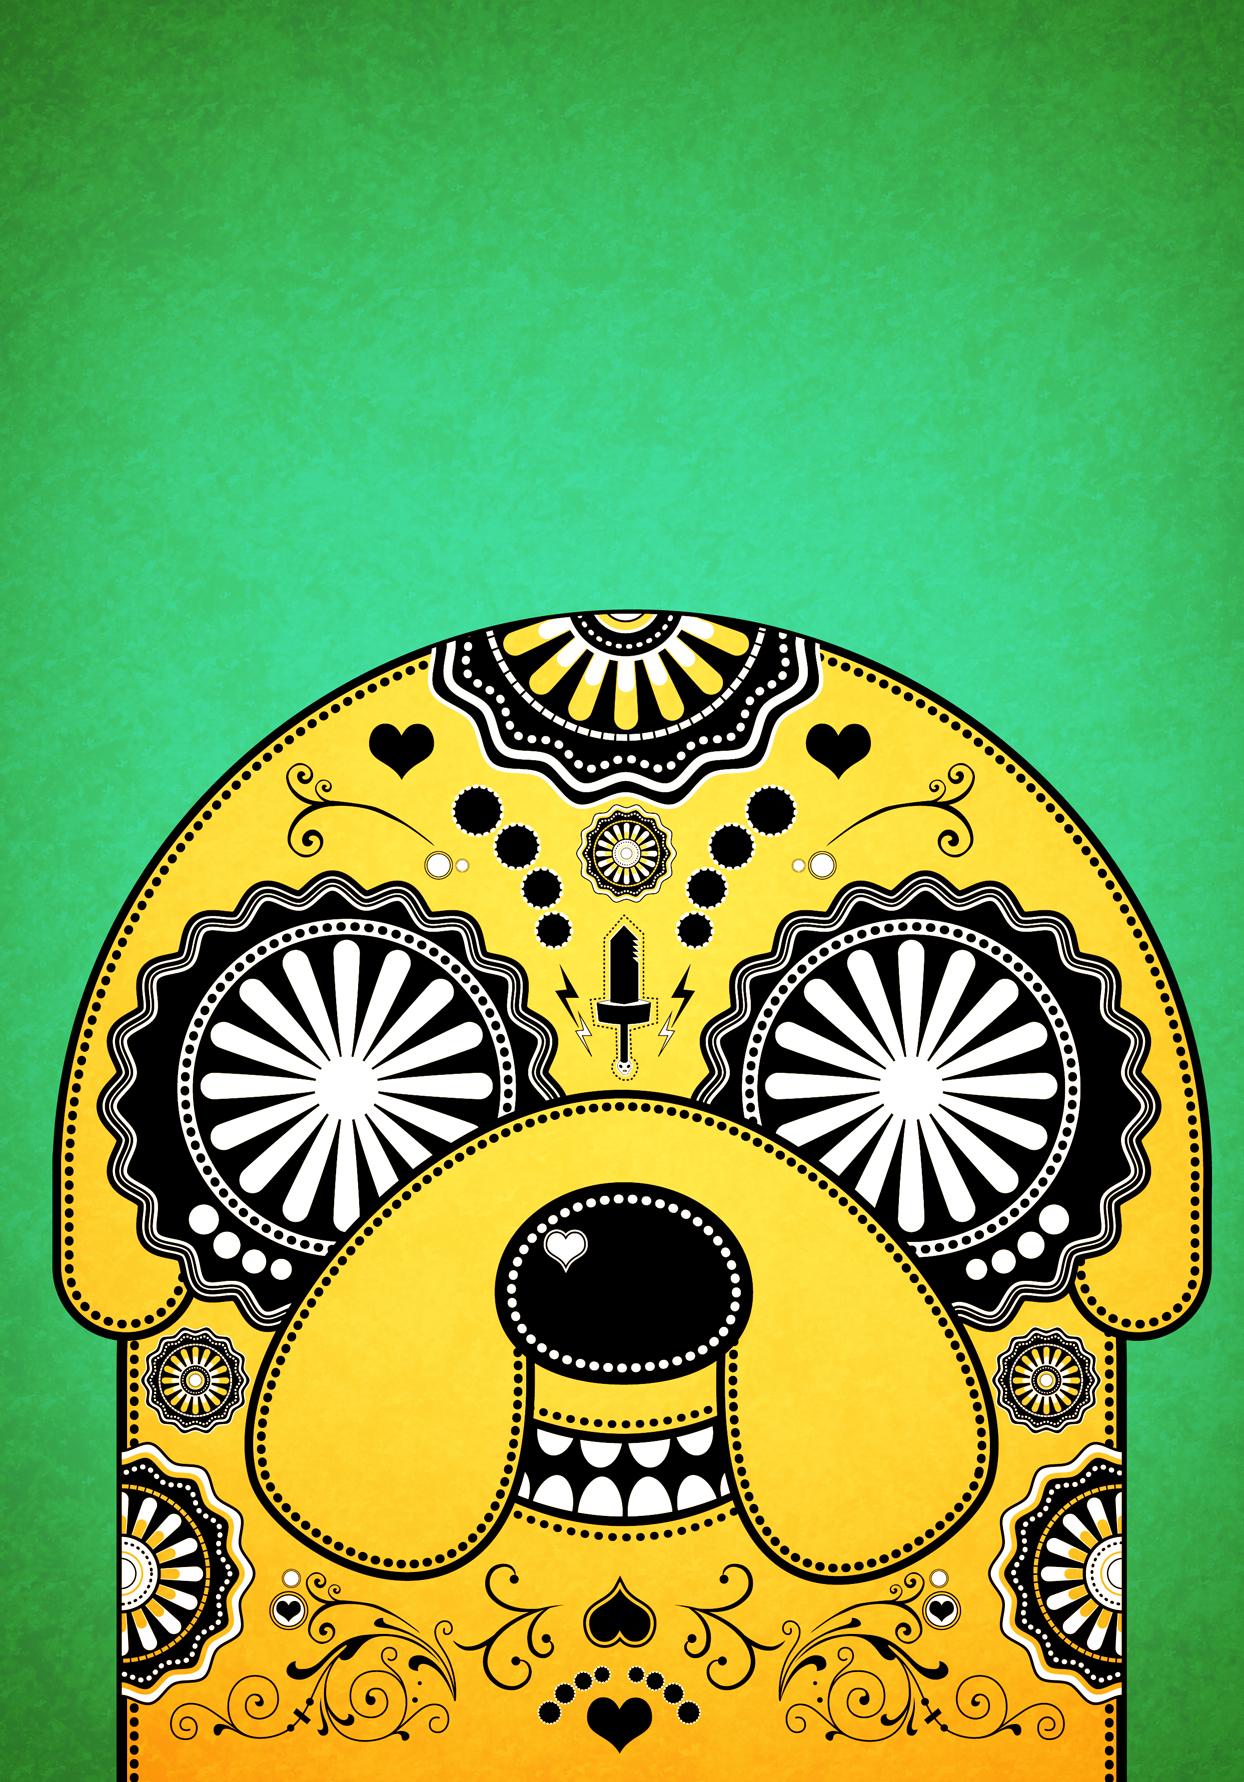 Jake Adventure Time Sugar Skull Poster - Green by PICKLEDLIVER